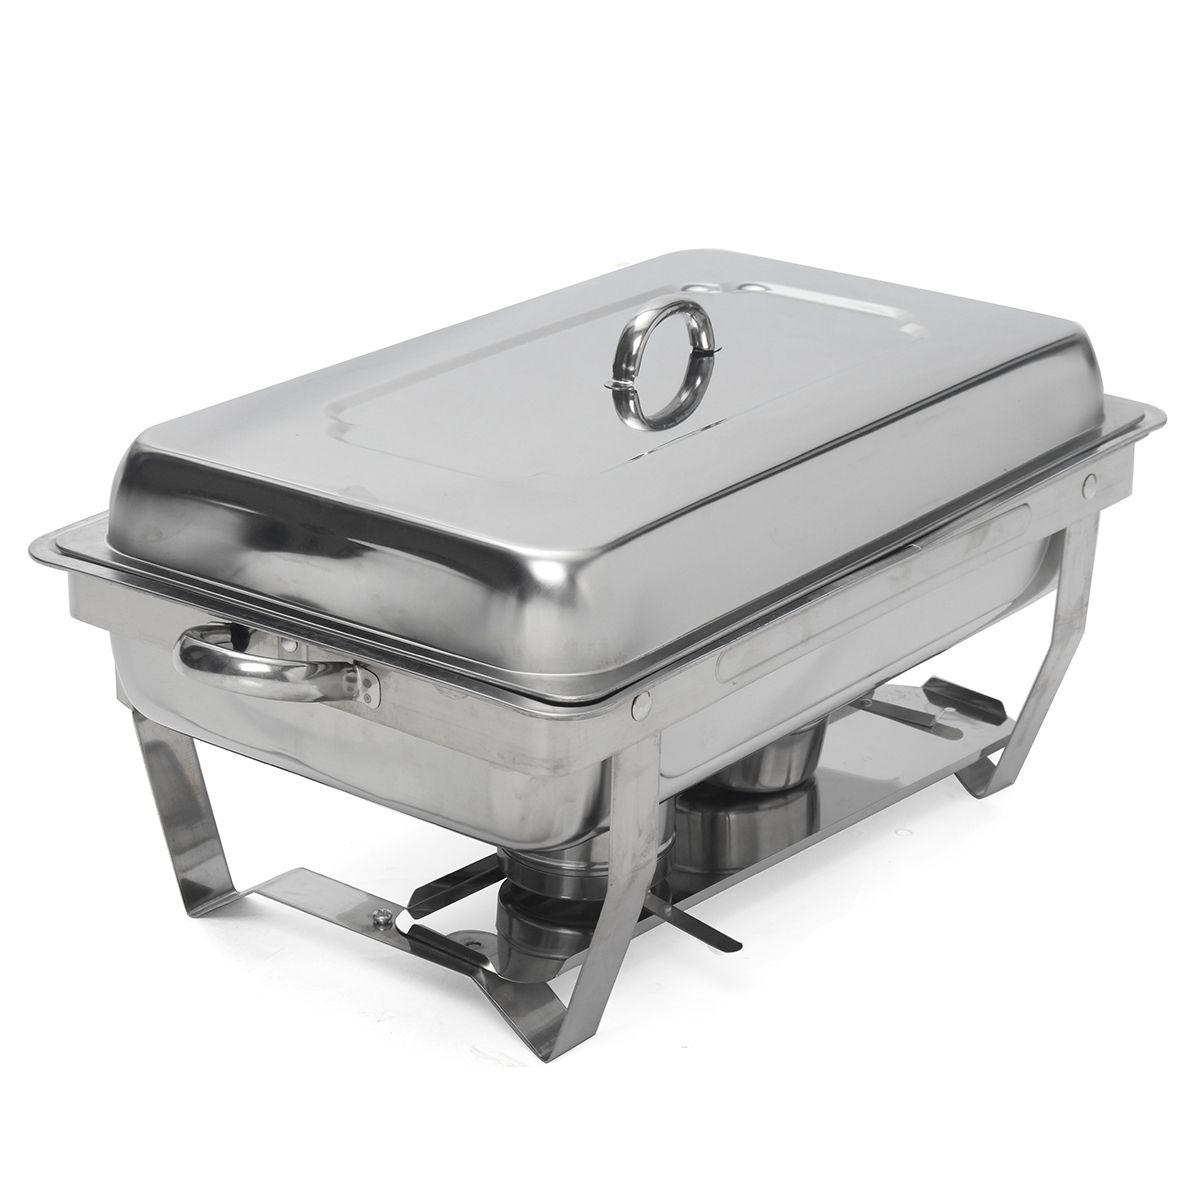 Plegable de acero inoxidable cuadrado hornillo para bufet plato contenedor calentador de comida de acero inoxidable Simple extracción hornillo para bufet